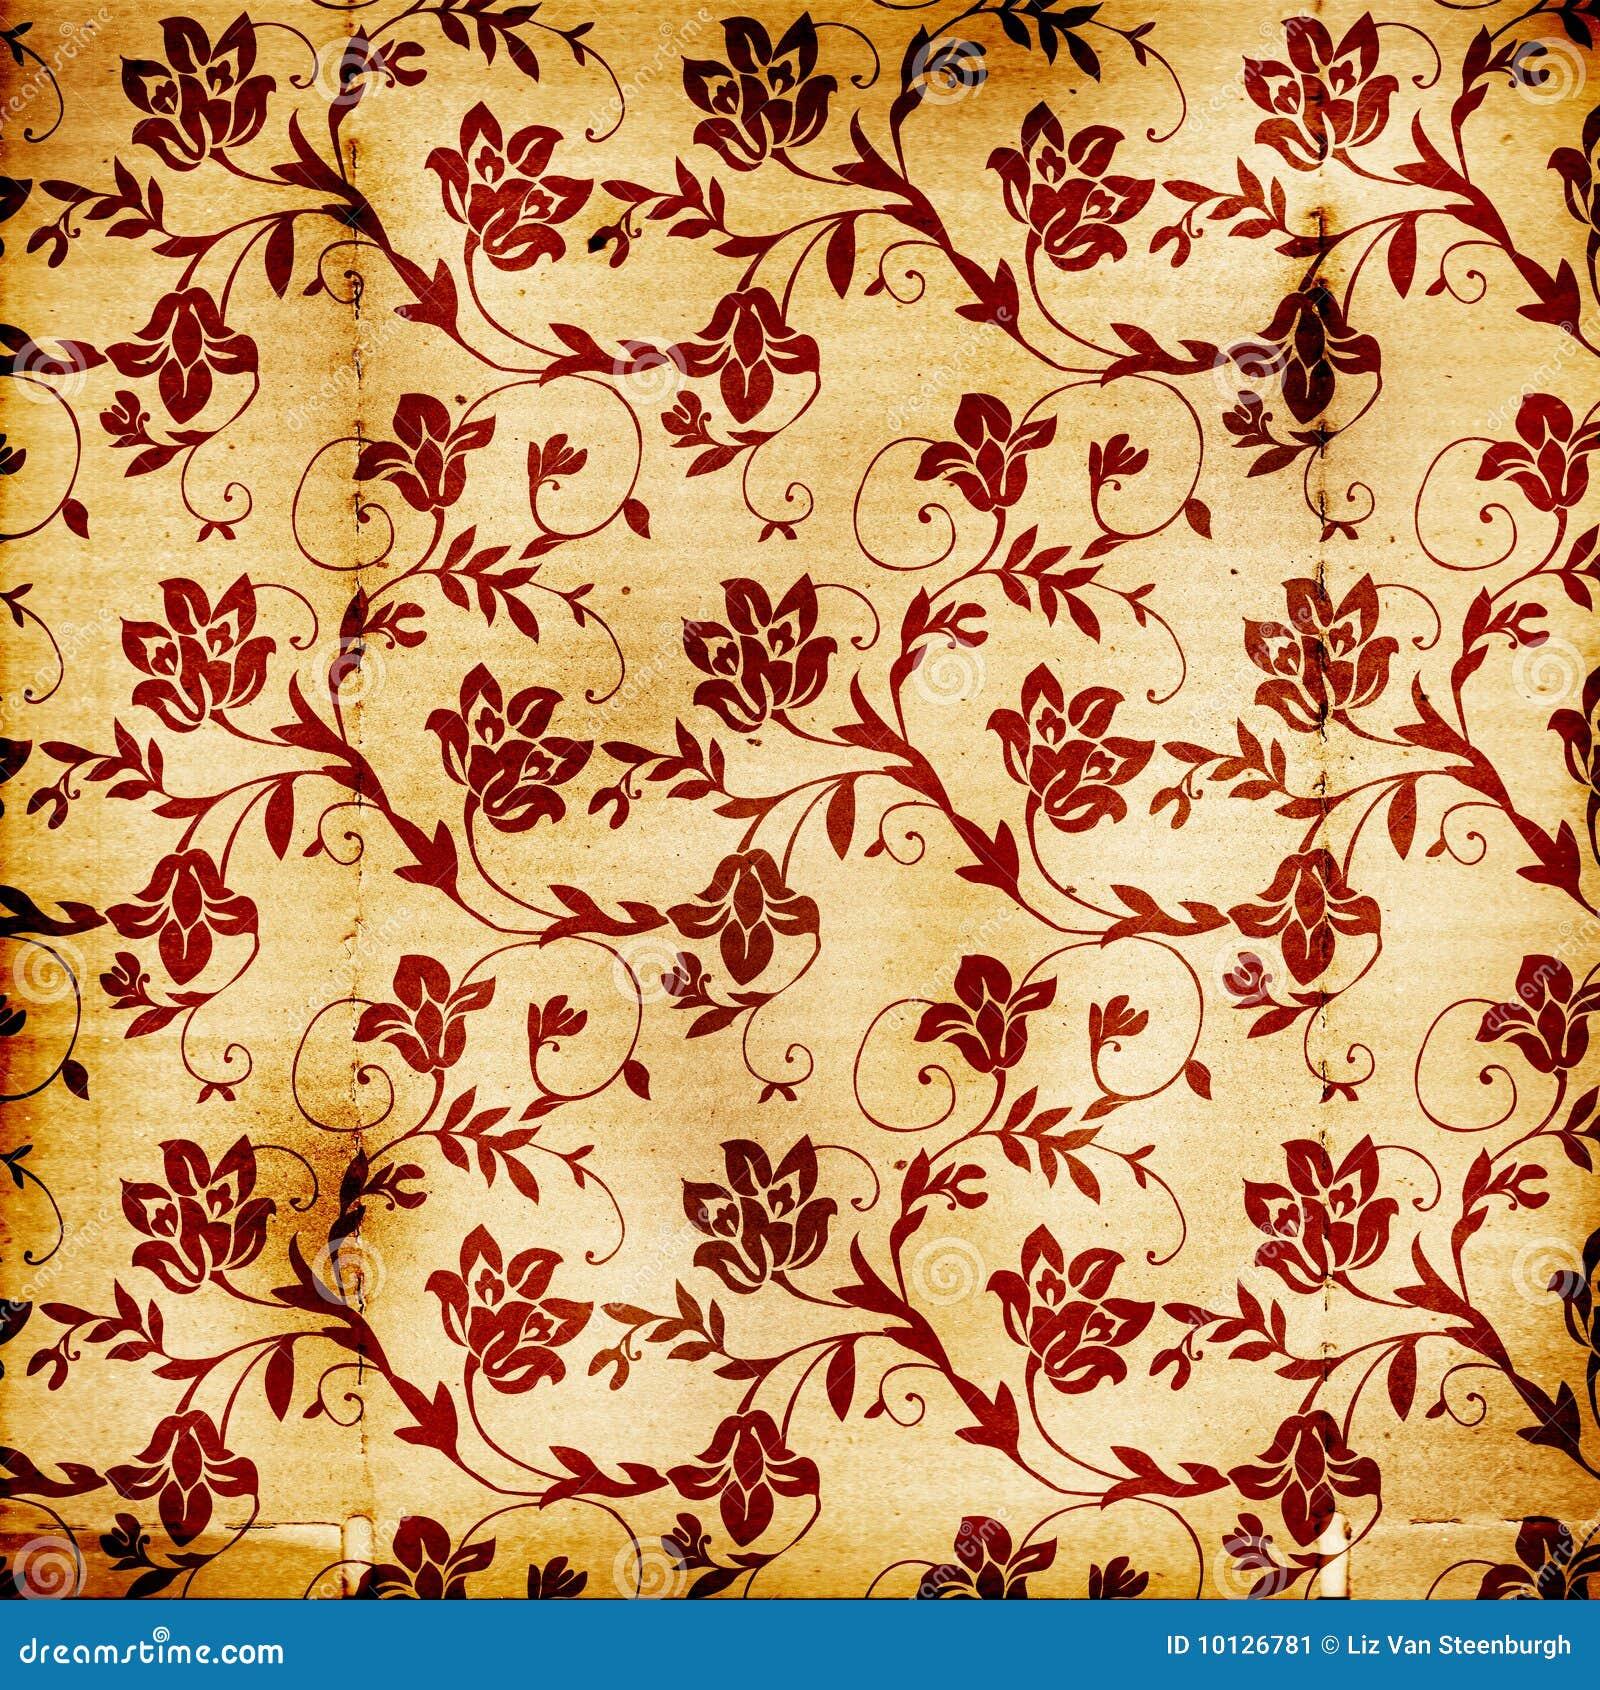 floral print background stock illustration illustration of grunge